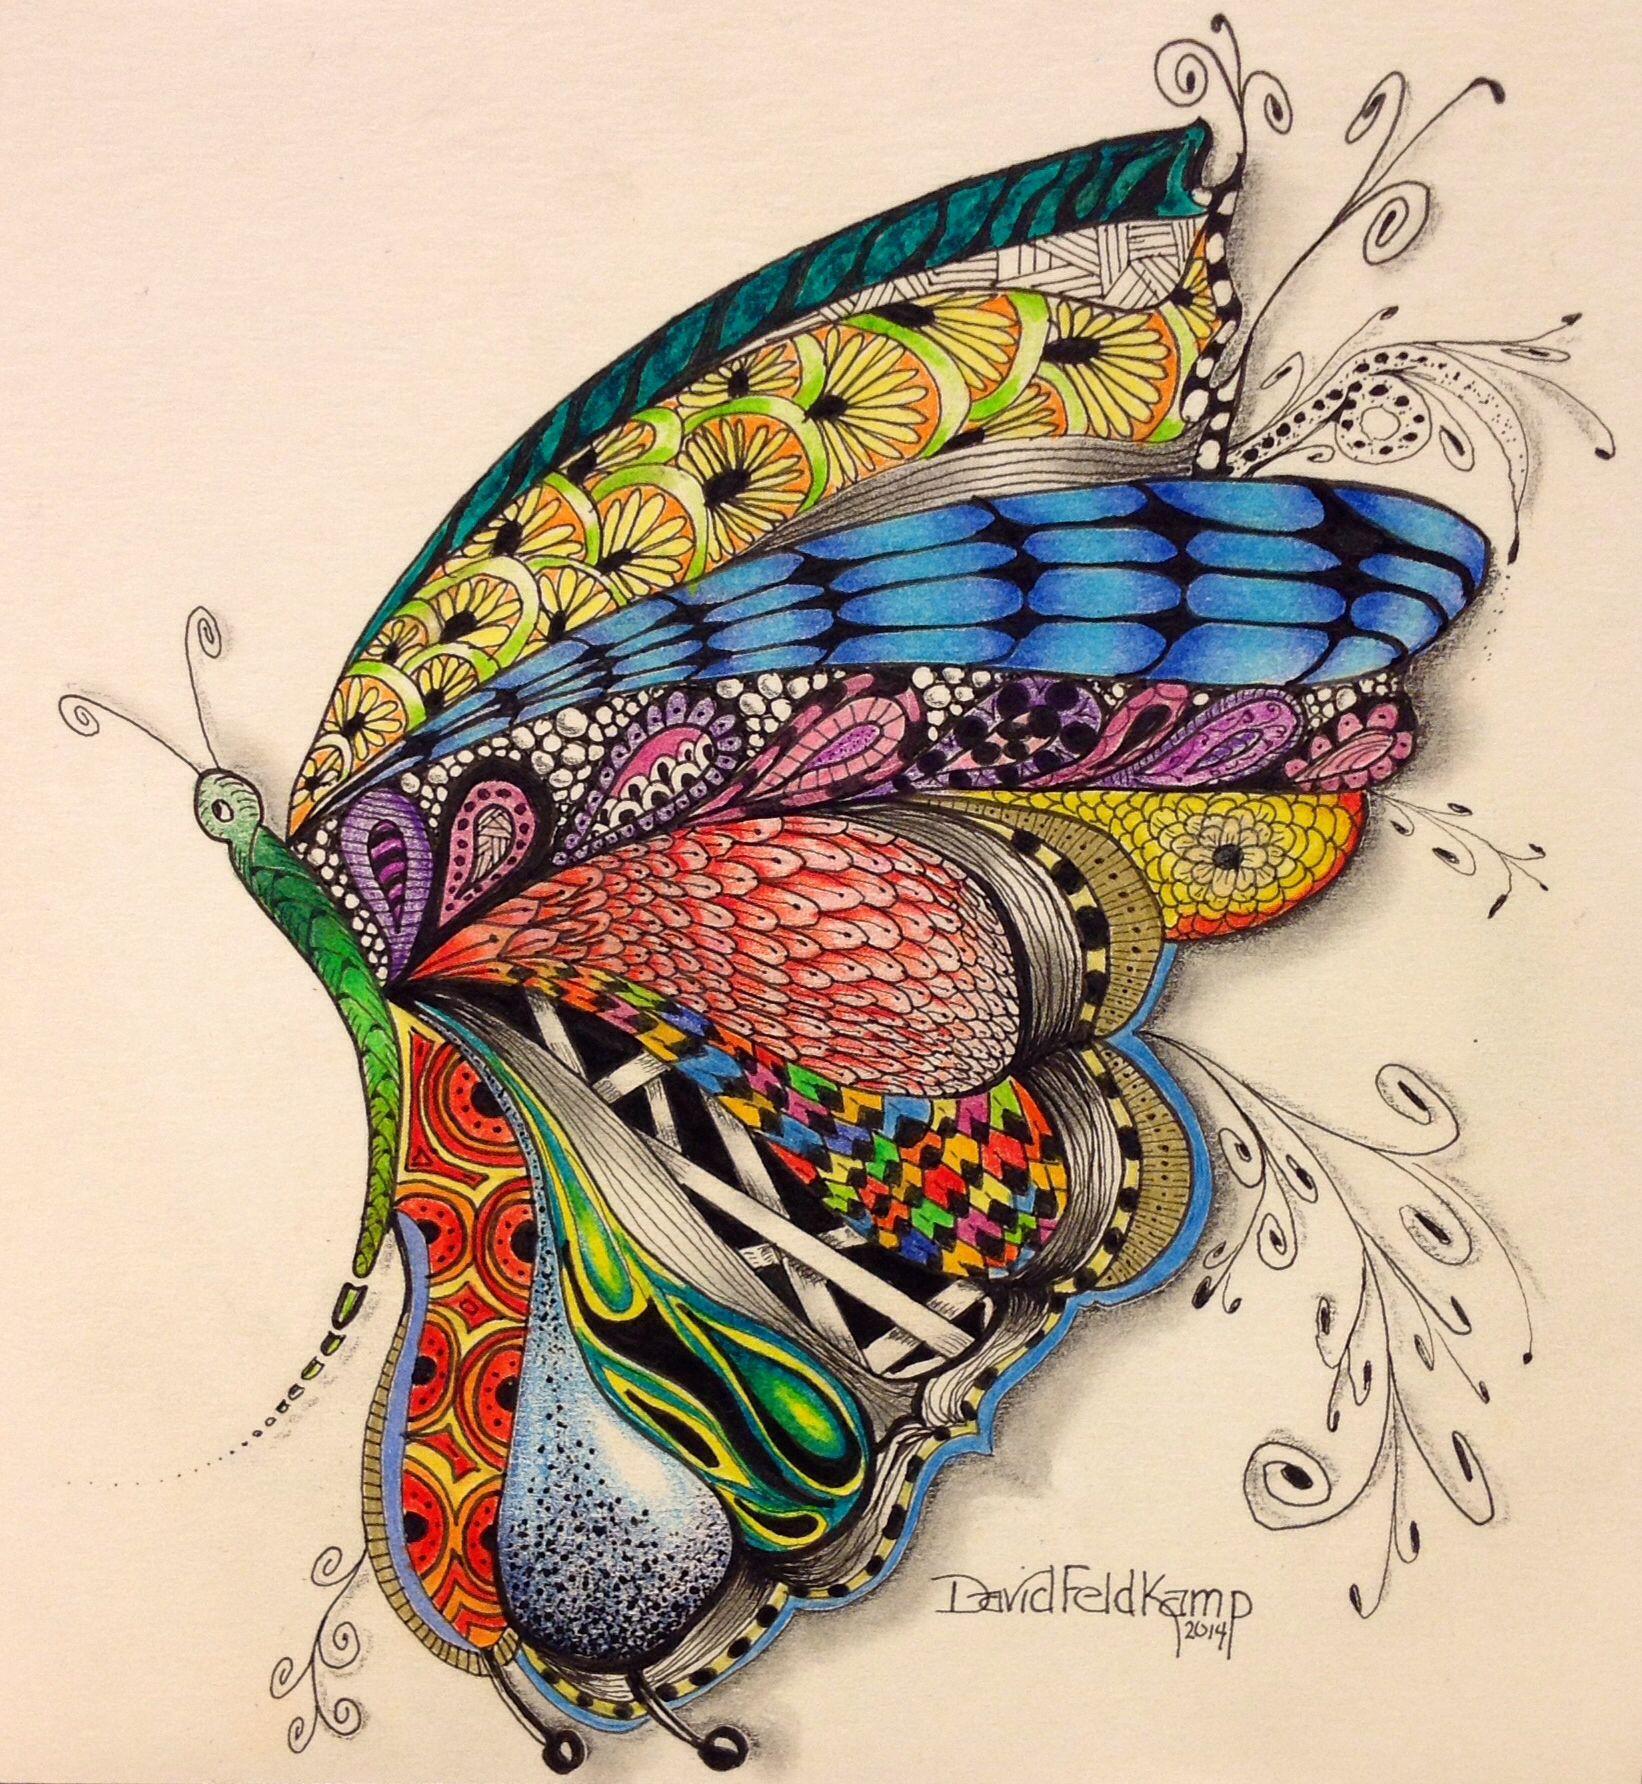 Zen doodle colour - Colored Butterfly Zentangle Drawing By David Feldkamp